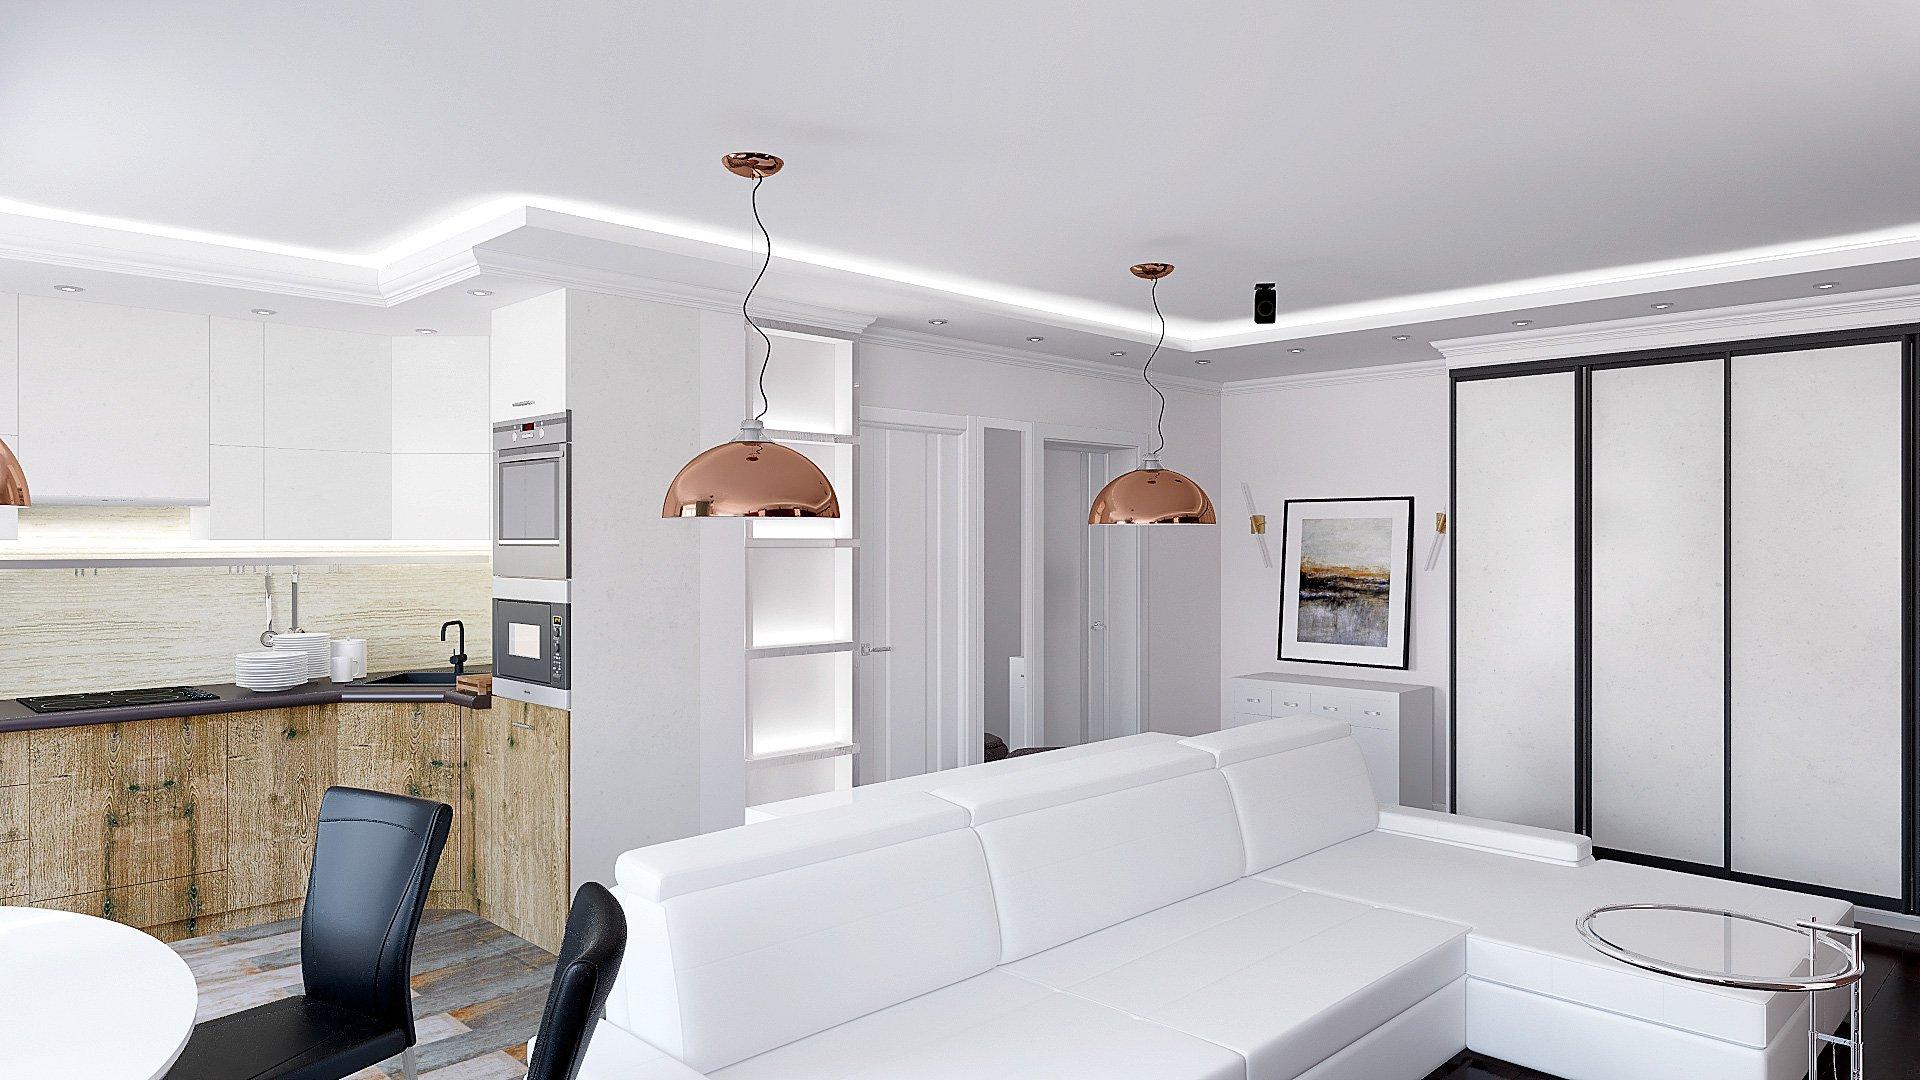 Дизайн интерьера квартиры в Гомеле, Зона кухни-гостиной-прихожая, белый диван, темно-коричневая стена, полки с подсветкой, подвесные светильники, интерьер гостиной в гомеле в современном стиле №5